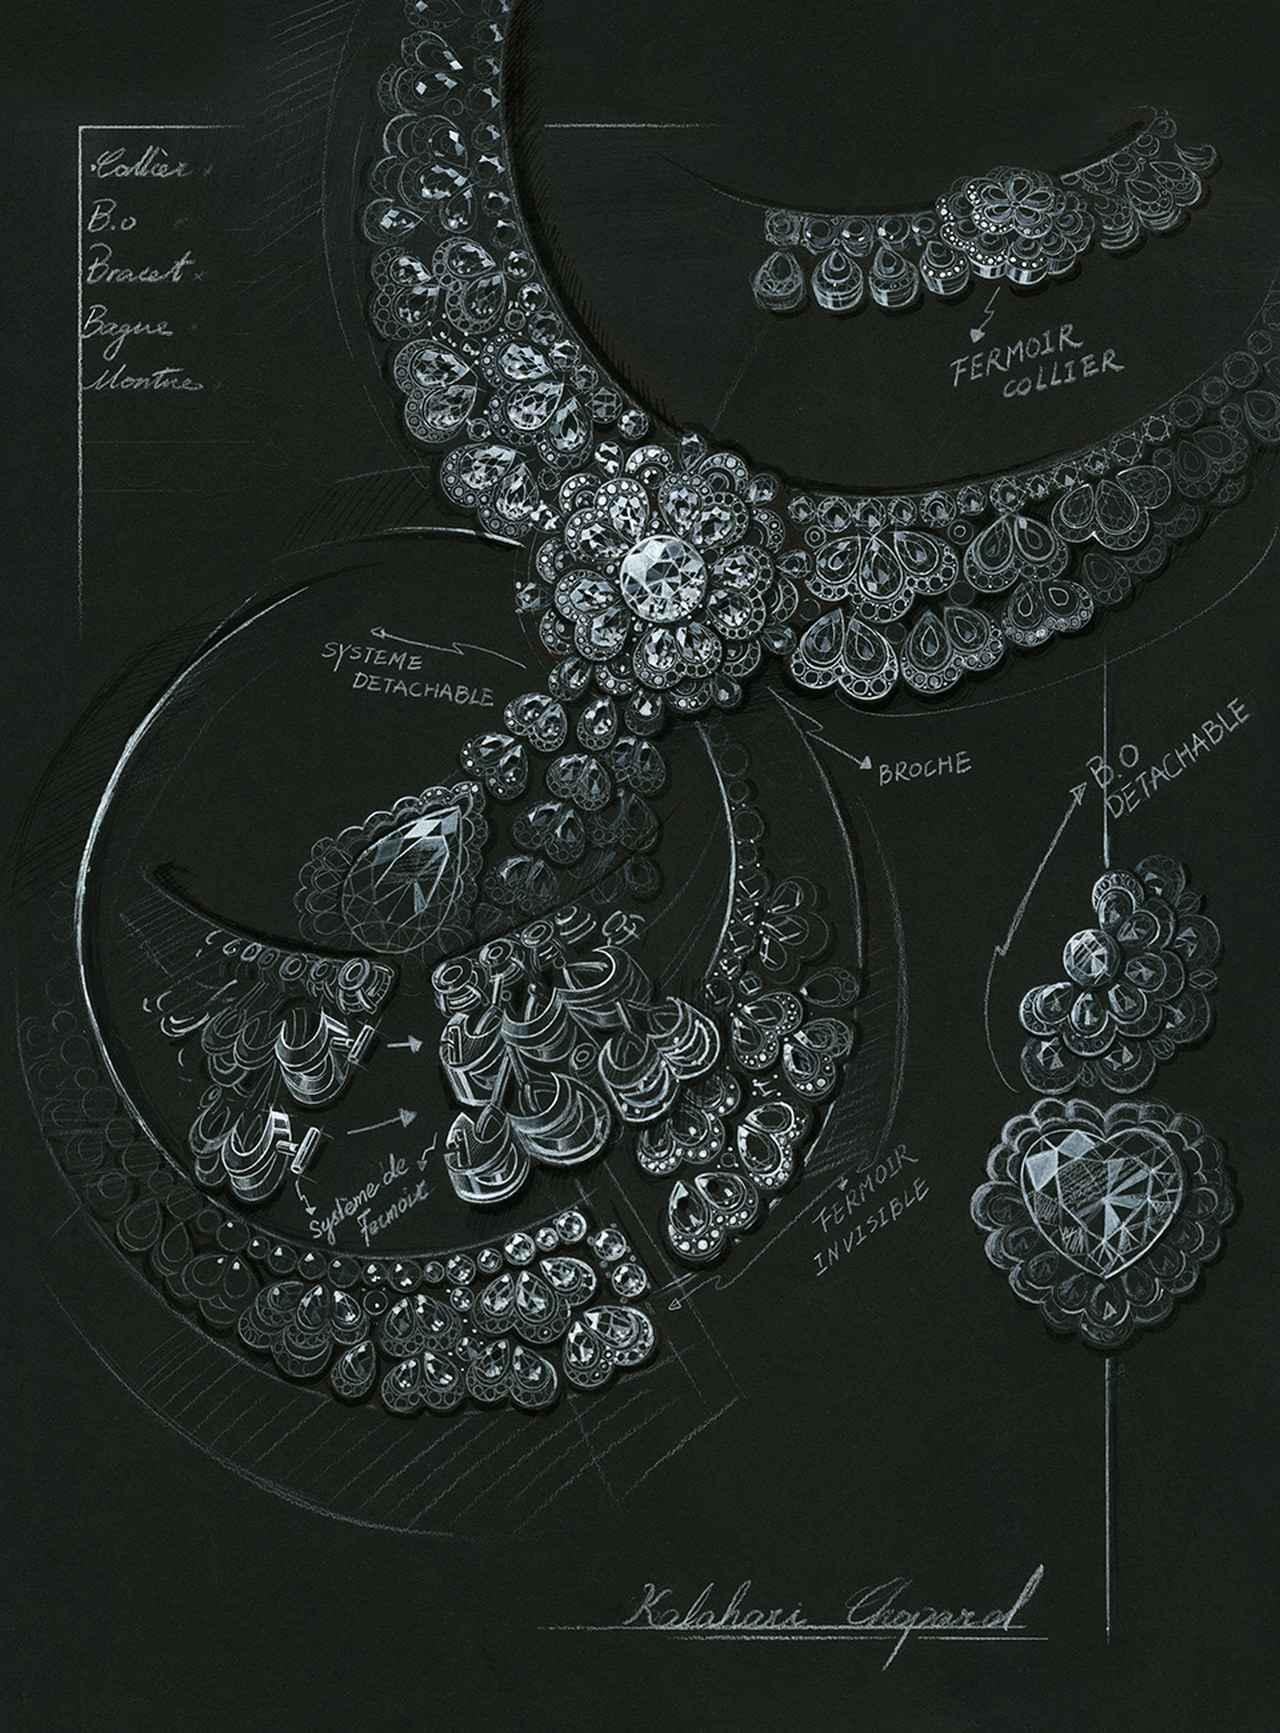 Images : 「ガーデン・オブ・カラハリ」のデザイン画